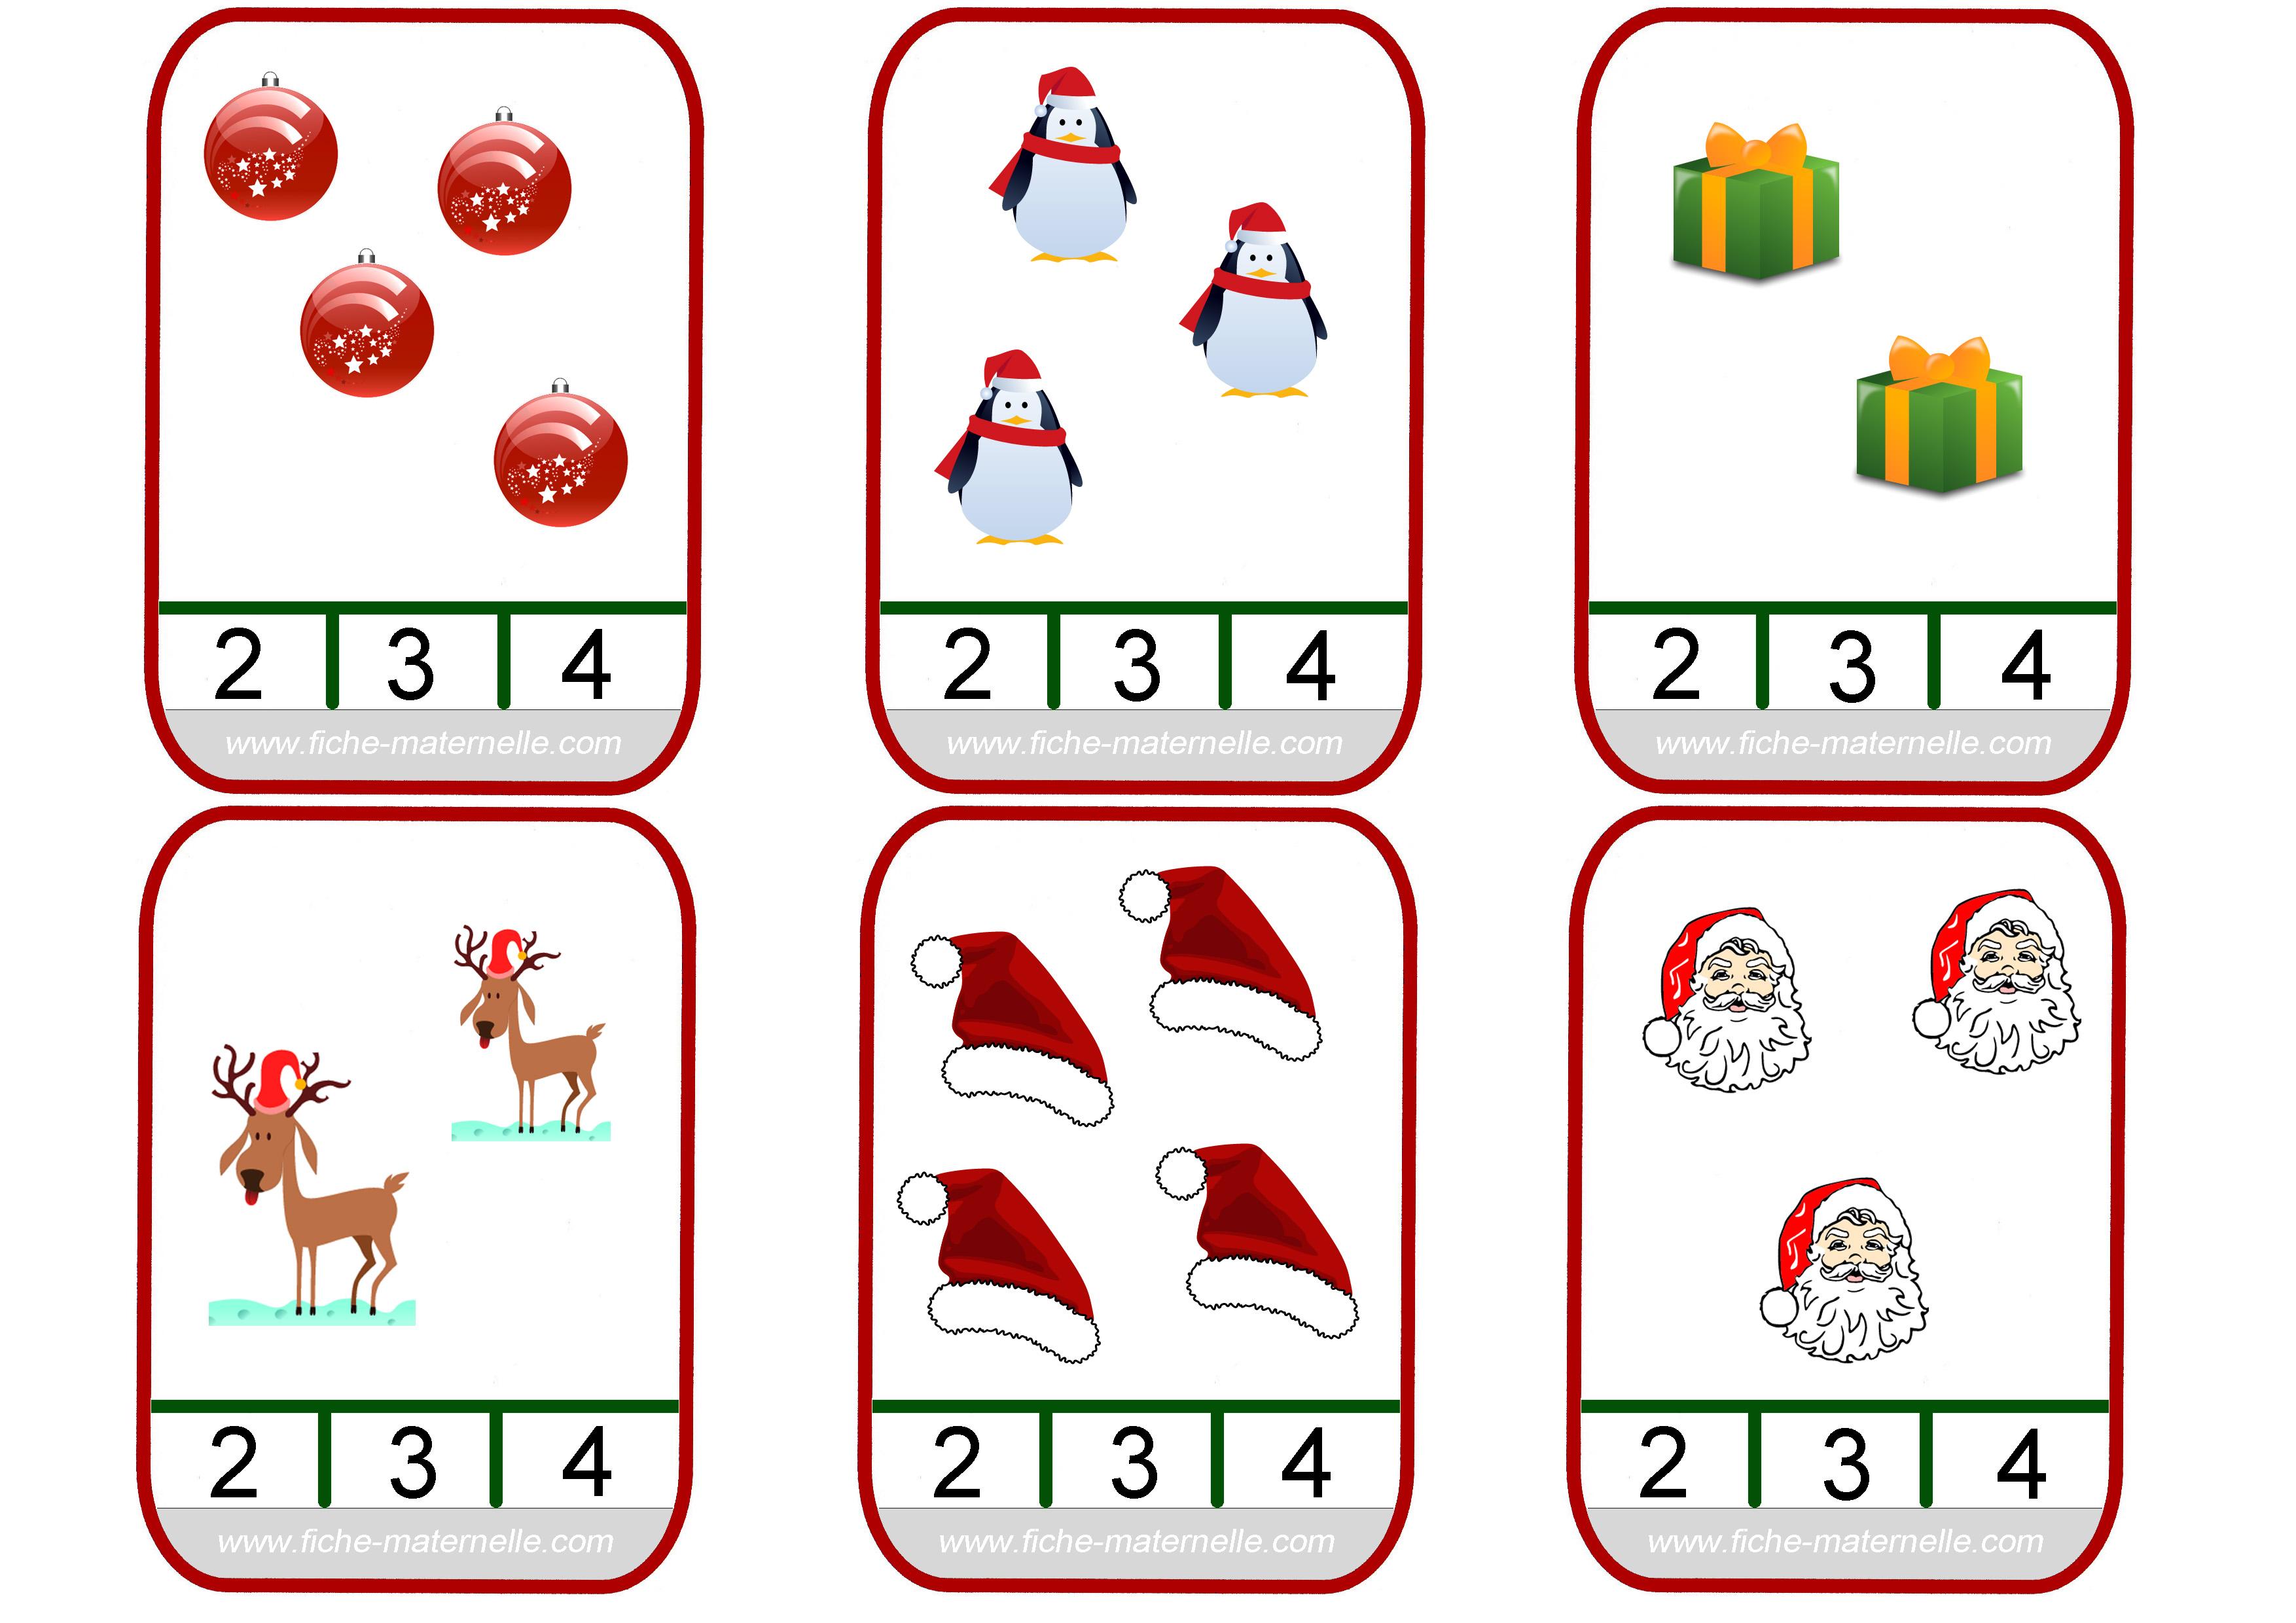 noel maternelle Mathématiques sur le thème de Noël en maternelle et CP noel maternelle